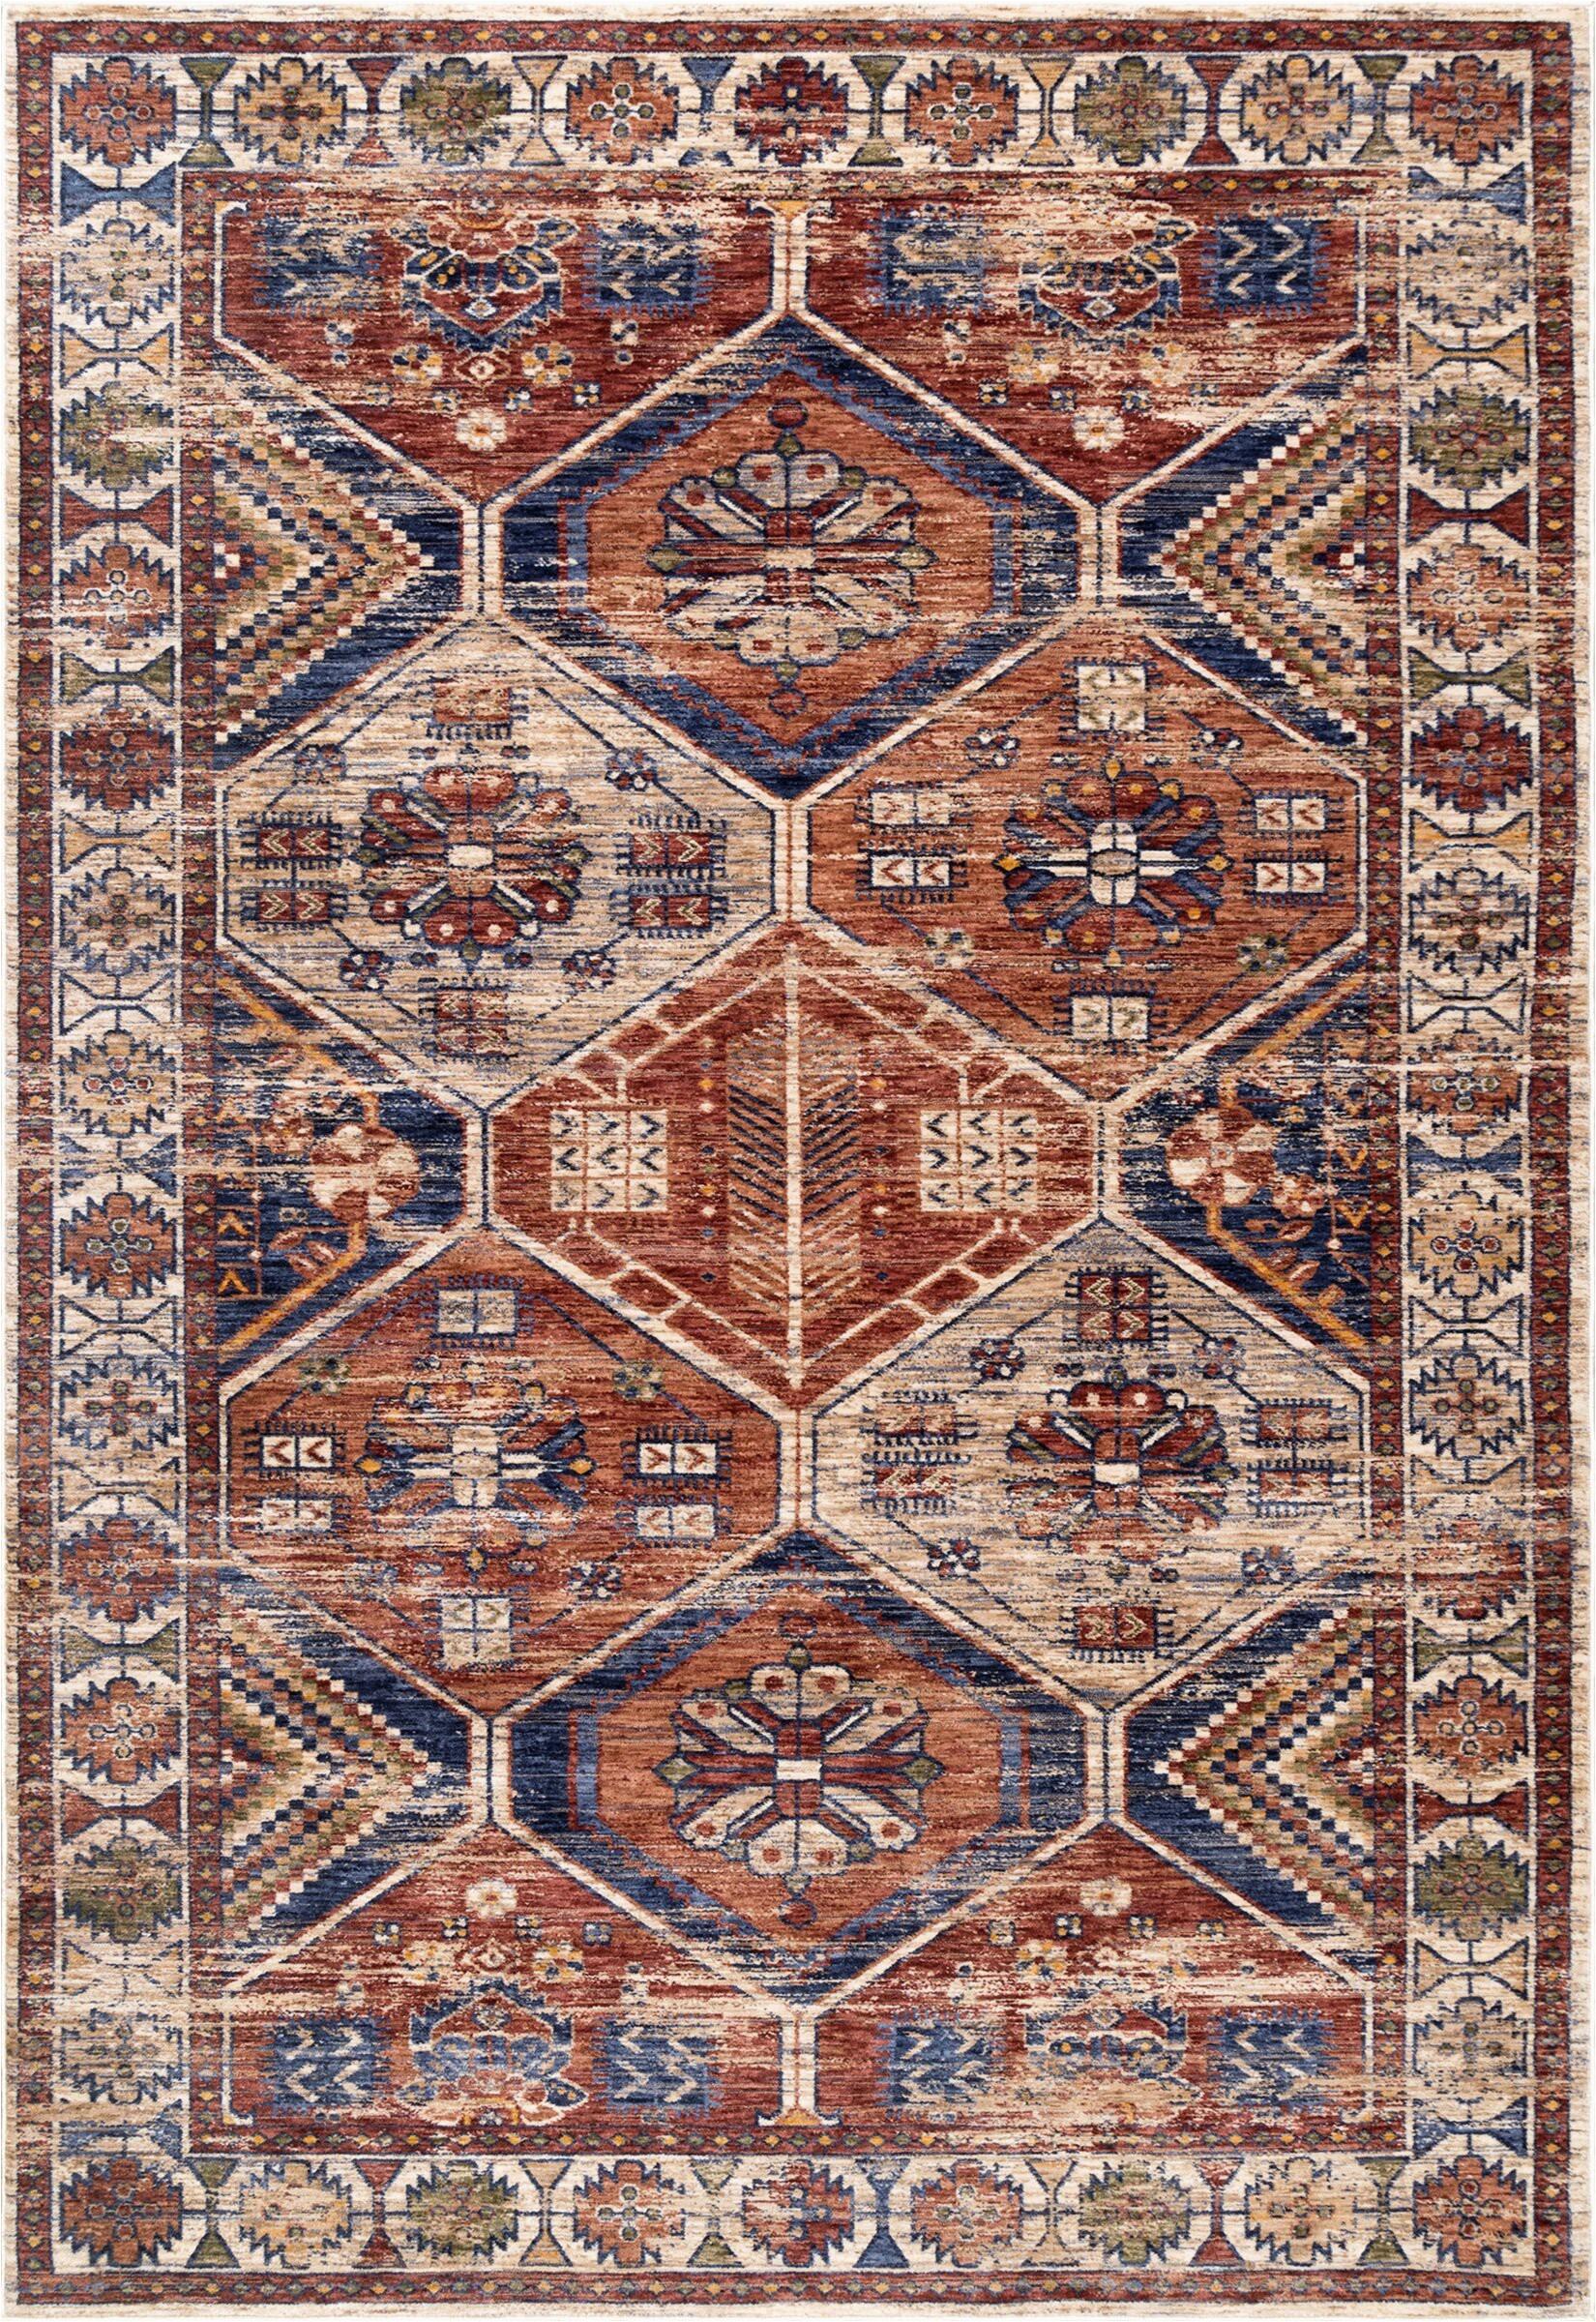 topsfield rust area rug